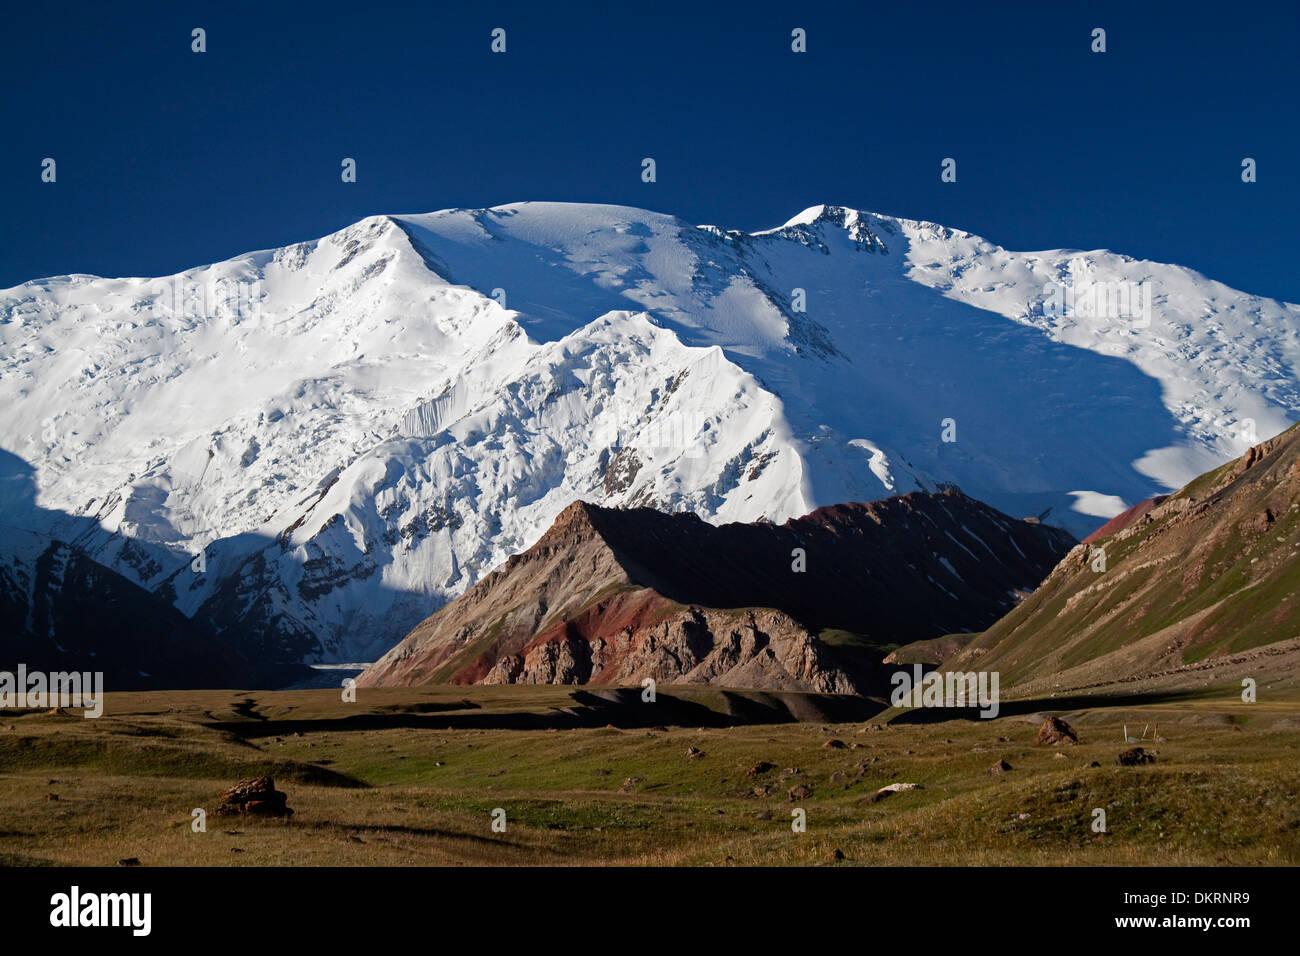 Lenin Peak, Trans-Alay Range, Pamir Mountains, Tajikistan and Kyrgyzstan, Central Asia Stock Photo